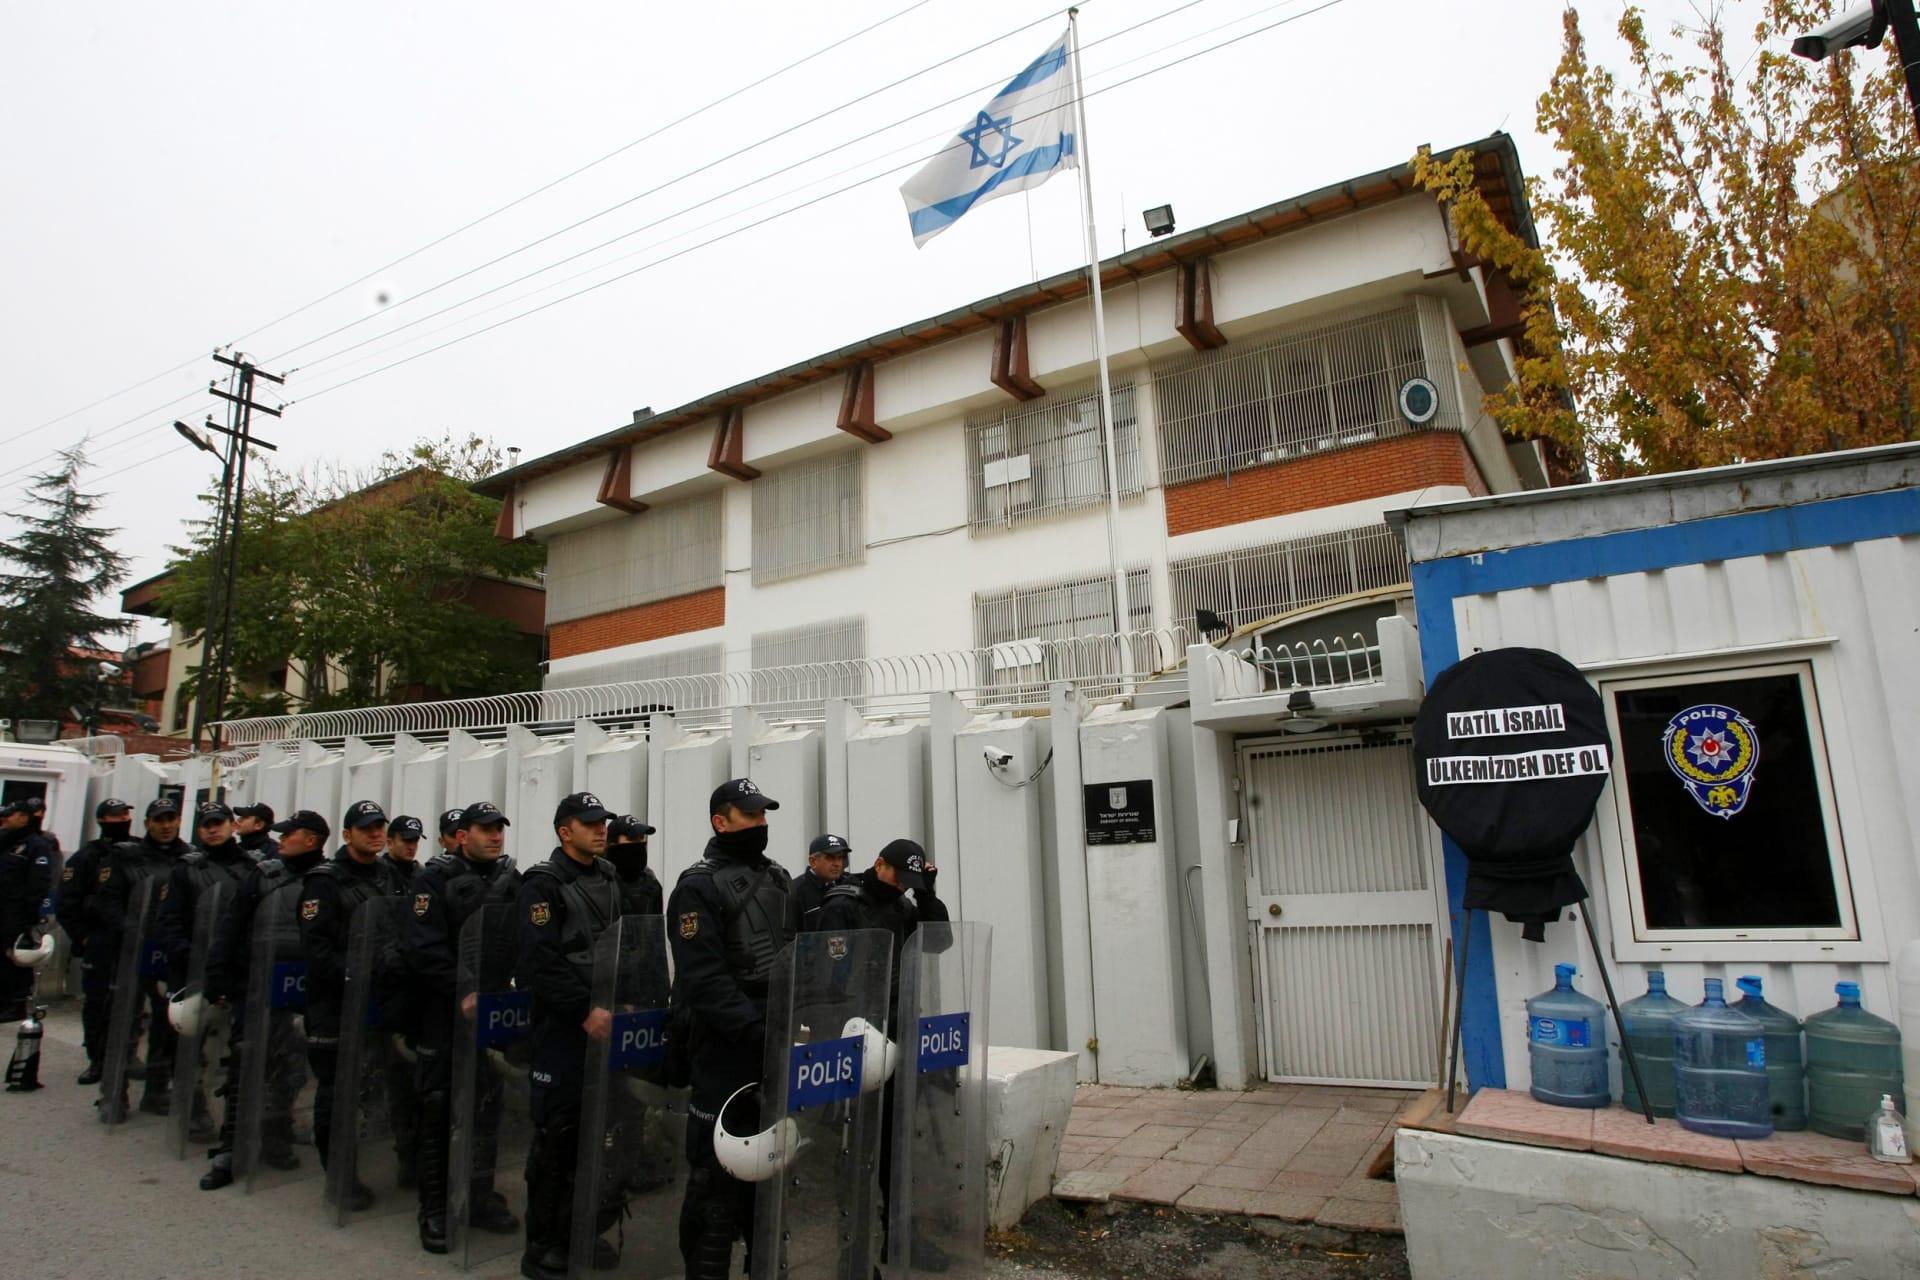 صورة ارشيفية للعناصر أمن يقفون أمام السفارة الإسرائيلية بتركيا لتأمينها خلال احتجاجات وقعت العام 2012